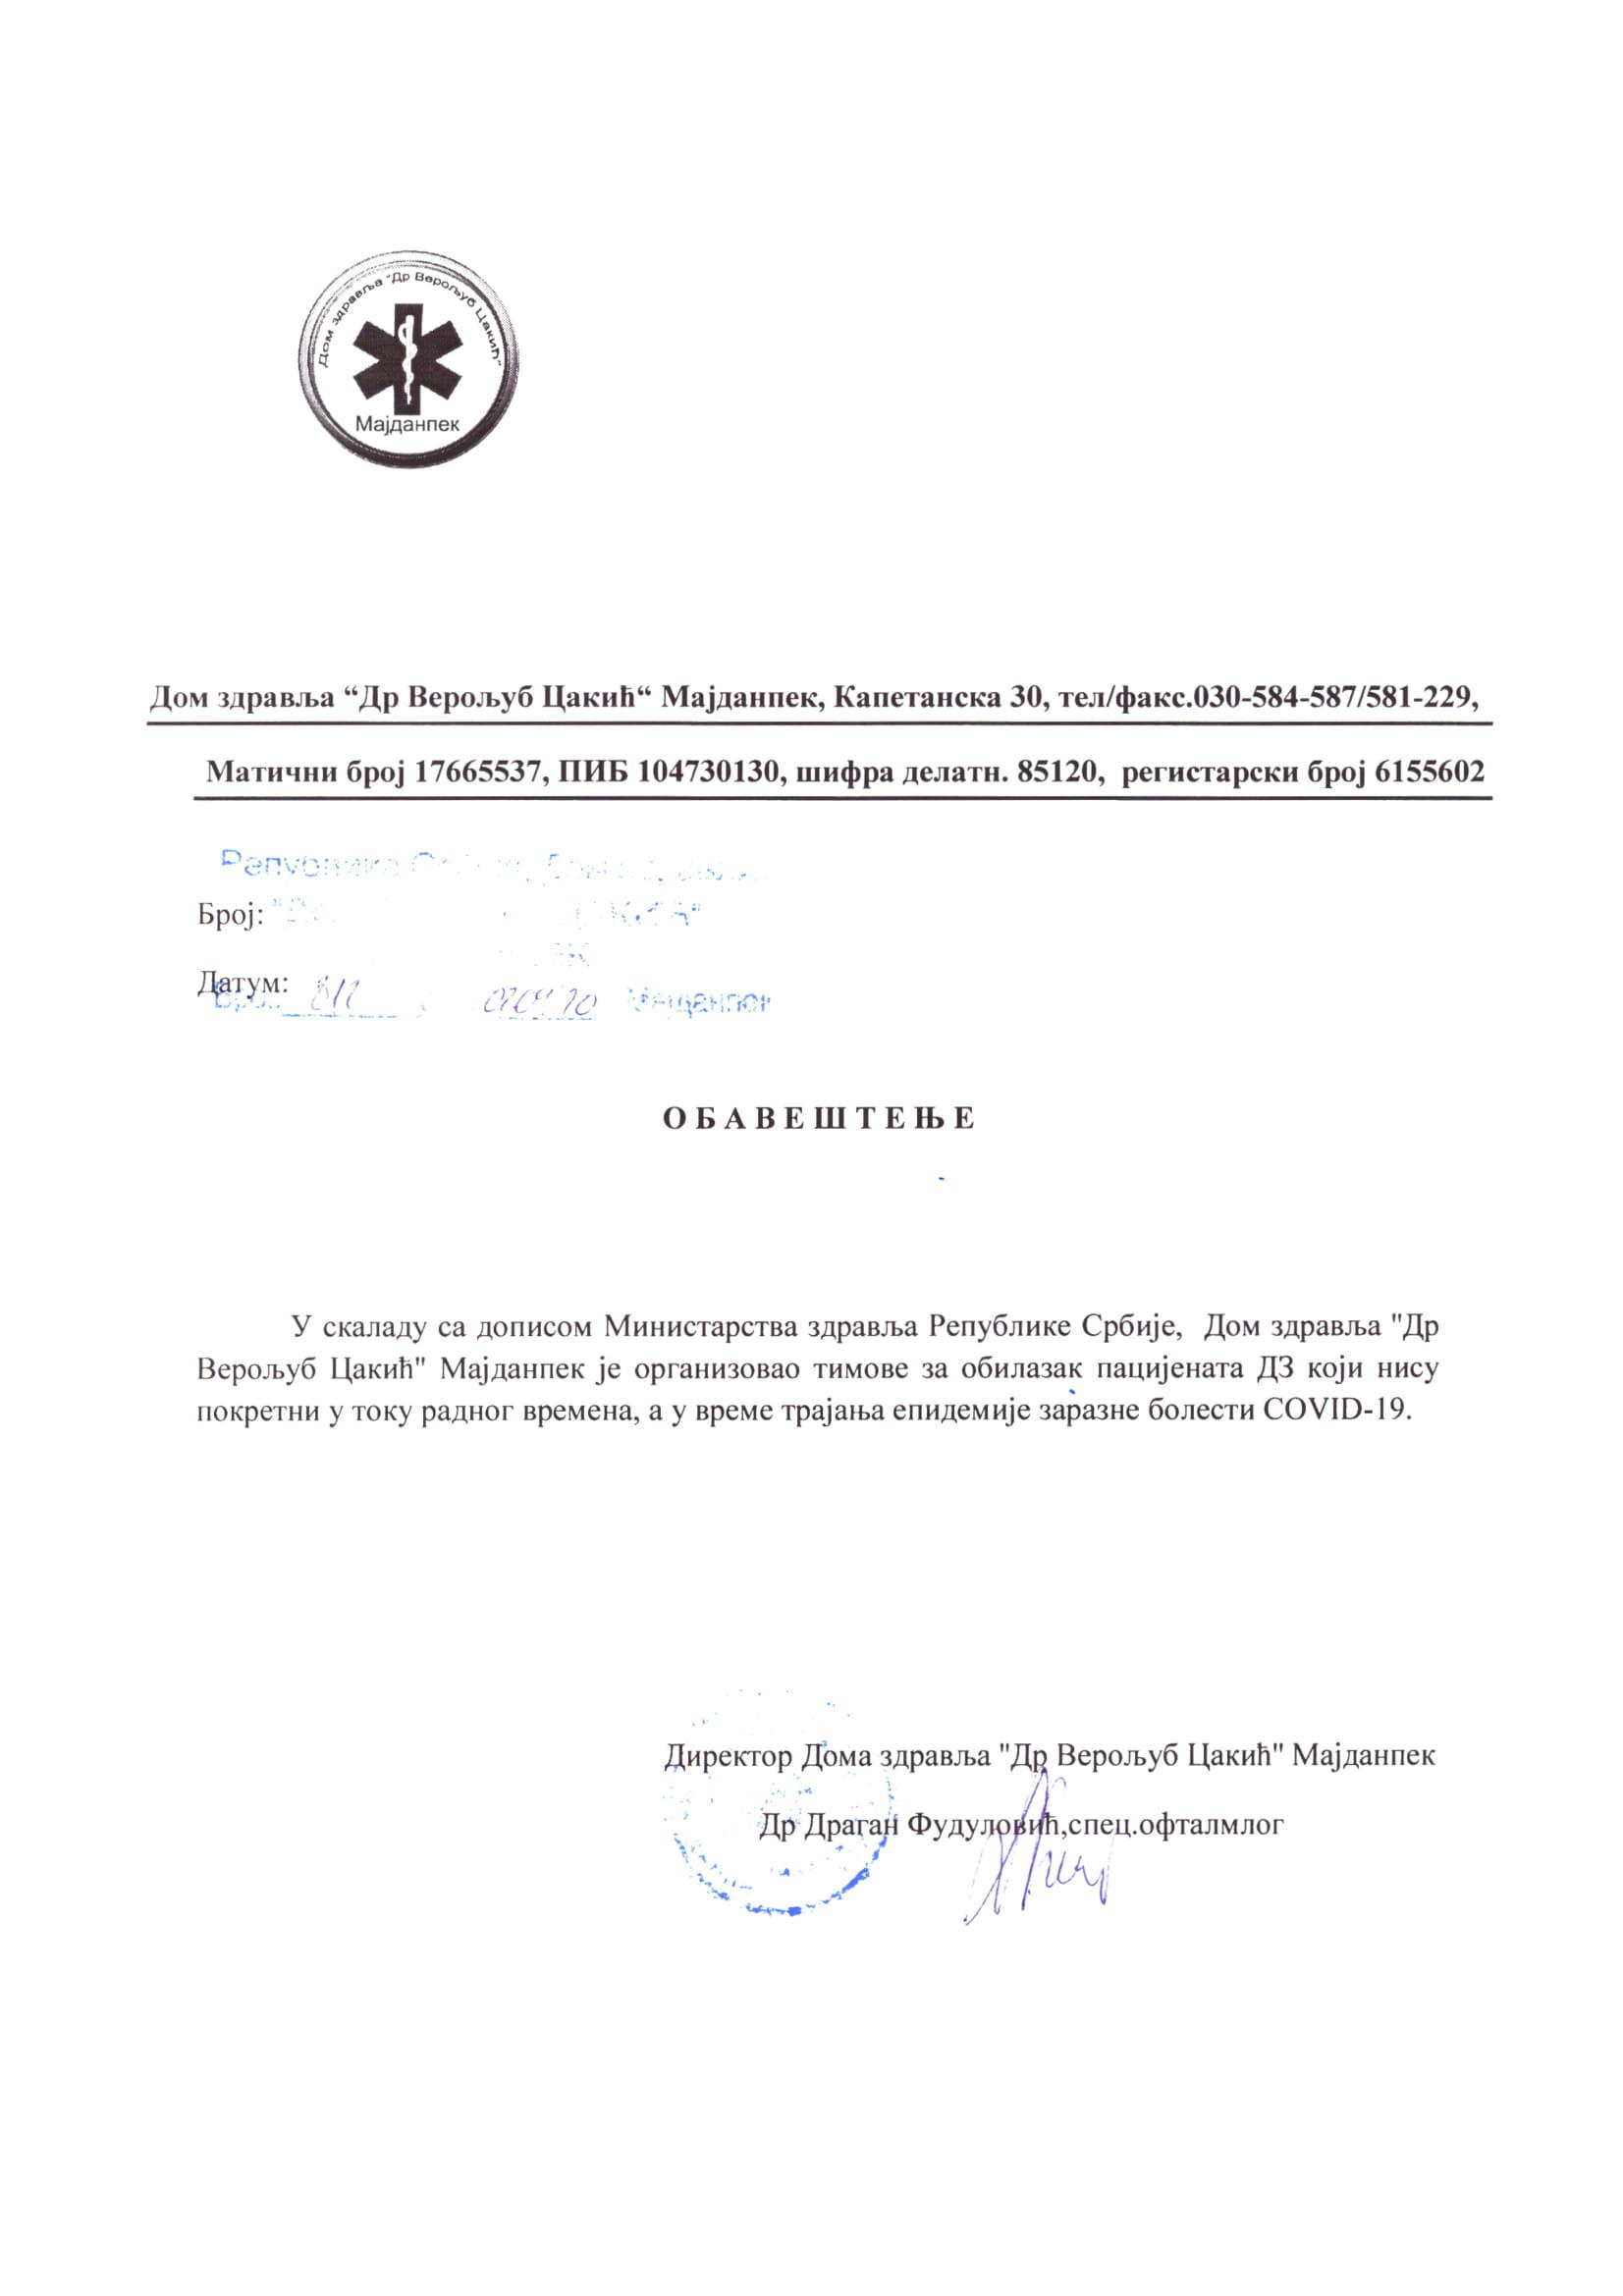 Obaveštenje_Kućna poseta-1